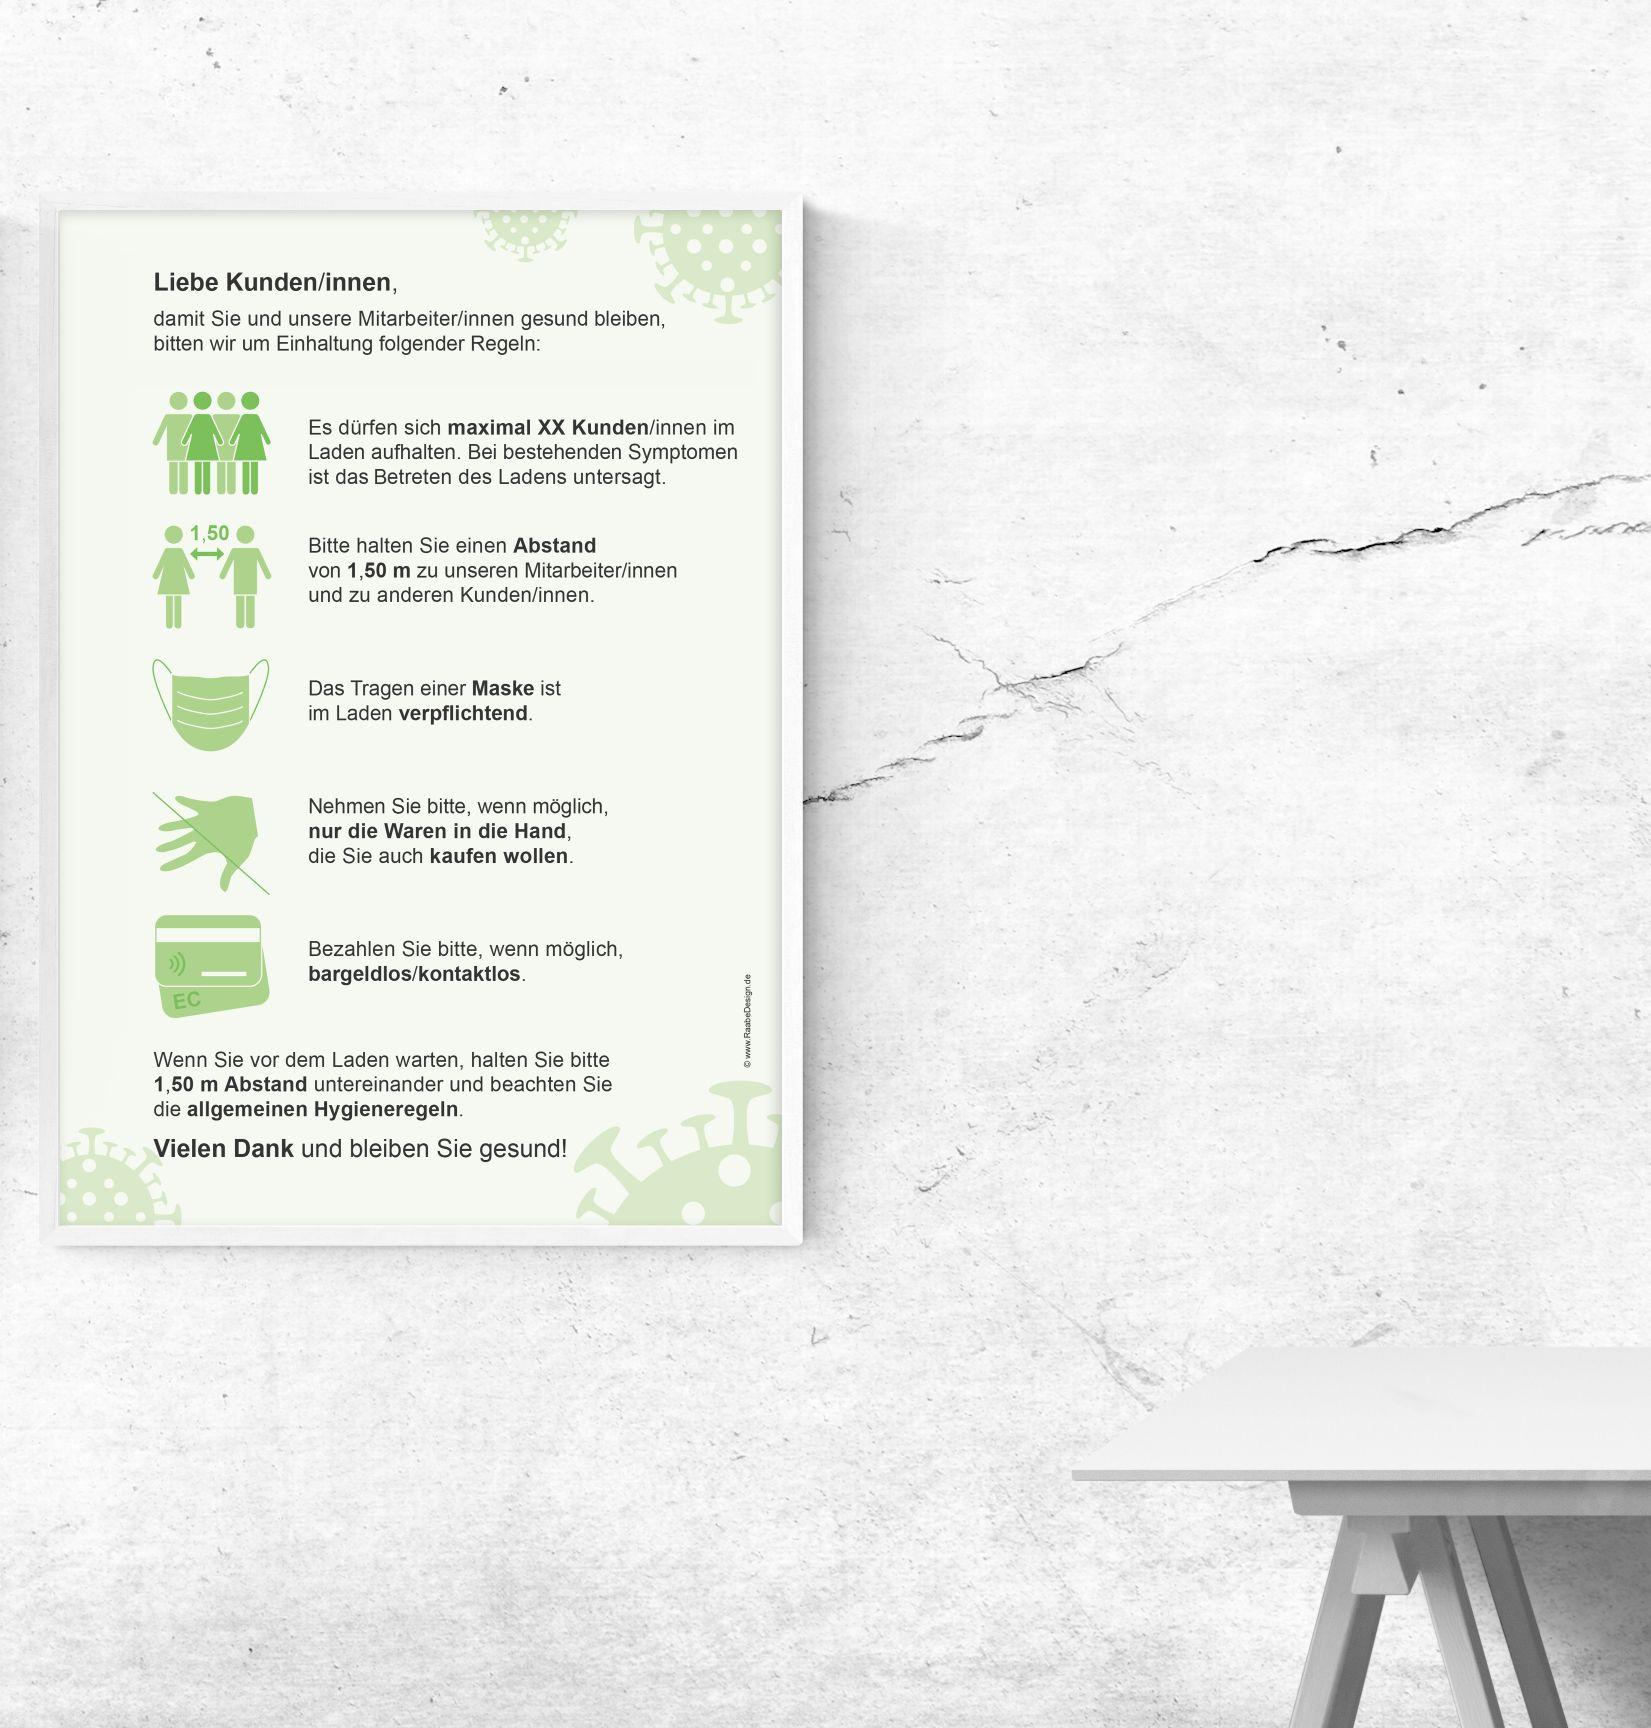 Kostenlose Corona Poster-Datei (Textil-) Einzelhandel, Büro oder Gastronomie (Hygieneregeln/-Konzept)